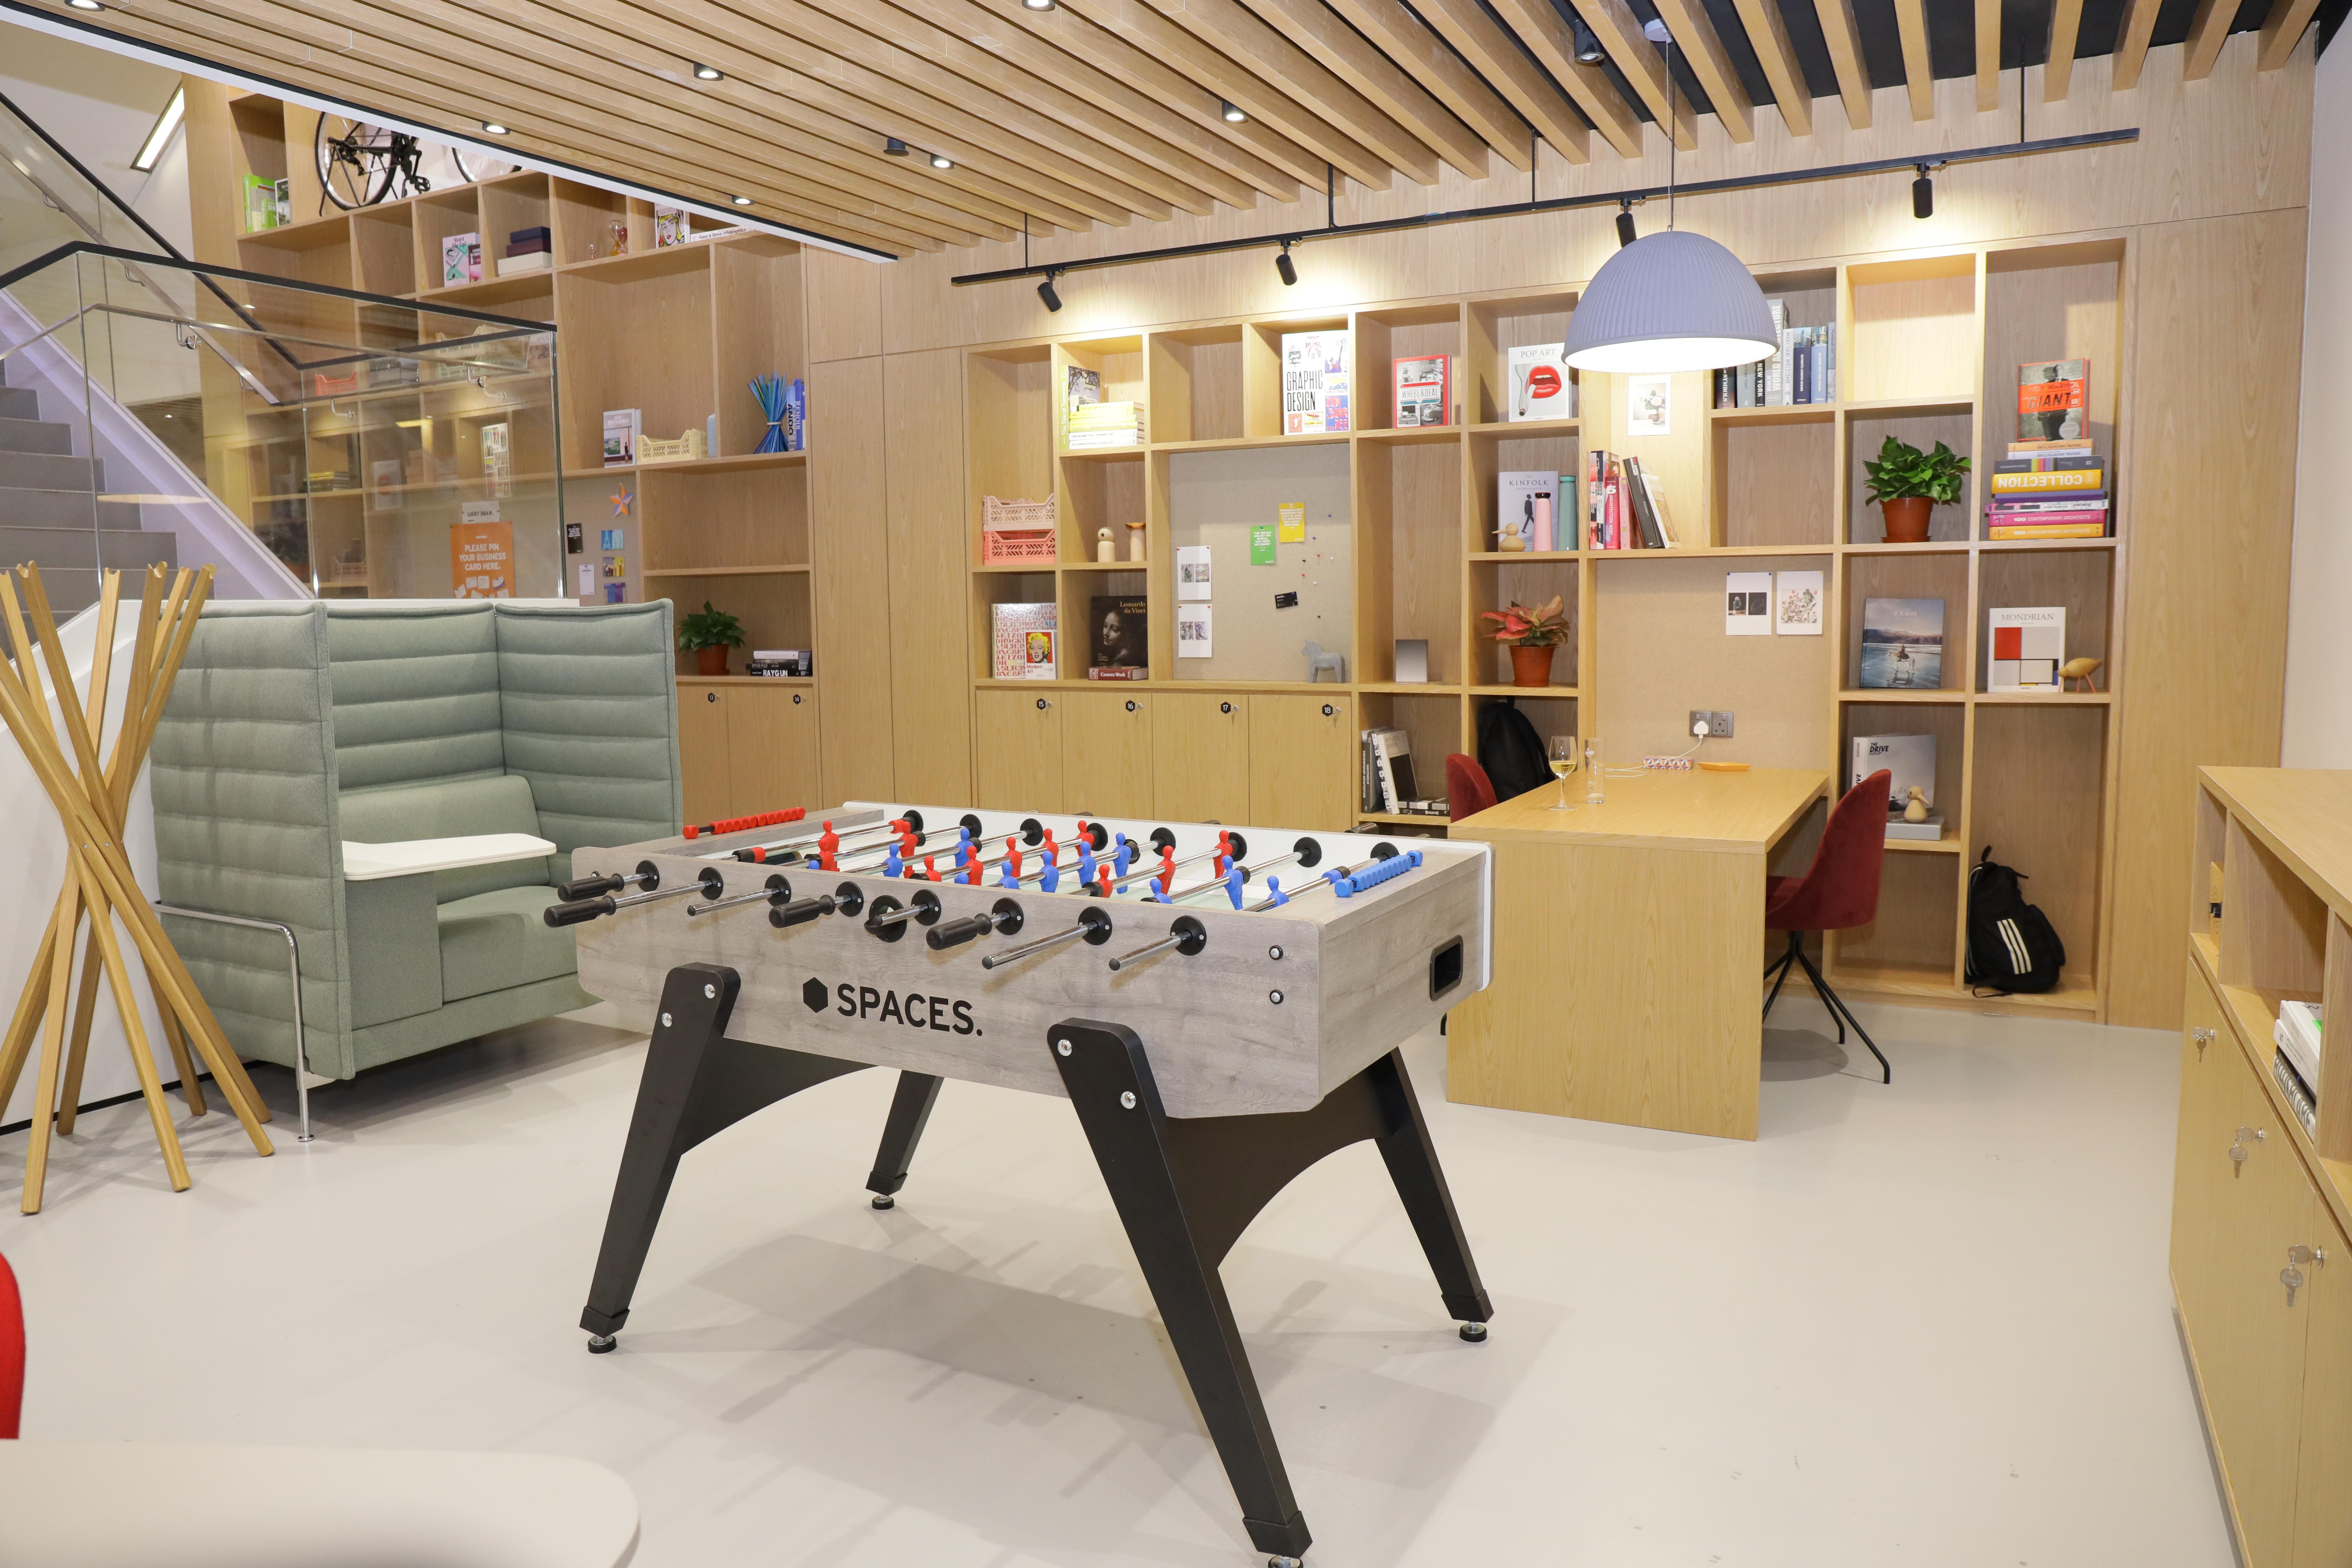 企业可以在Spaces莱佛士坊一号的商场内举办企业活动(来源:IWG) - EDGEPROP SINGAPORE